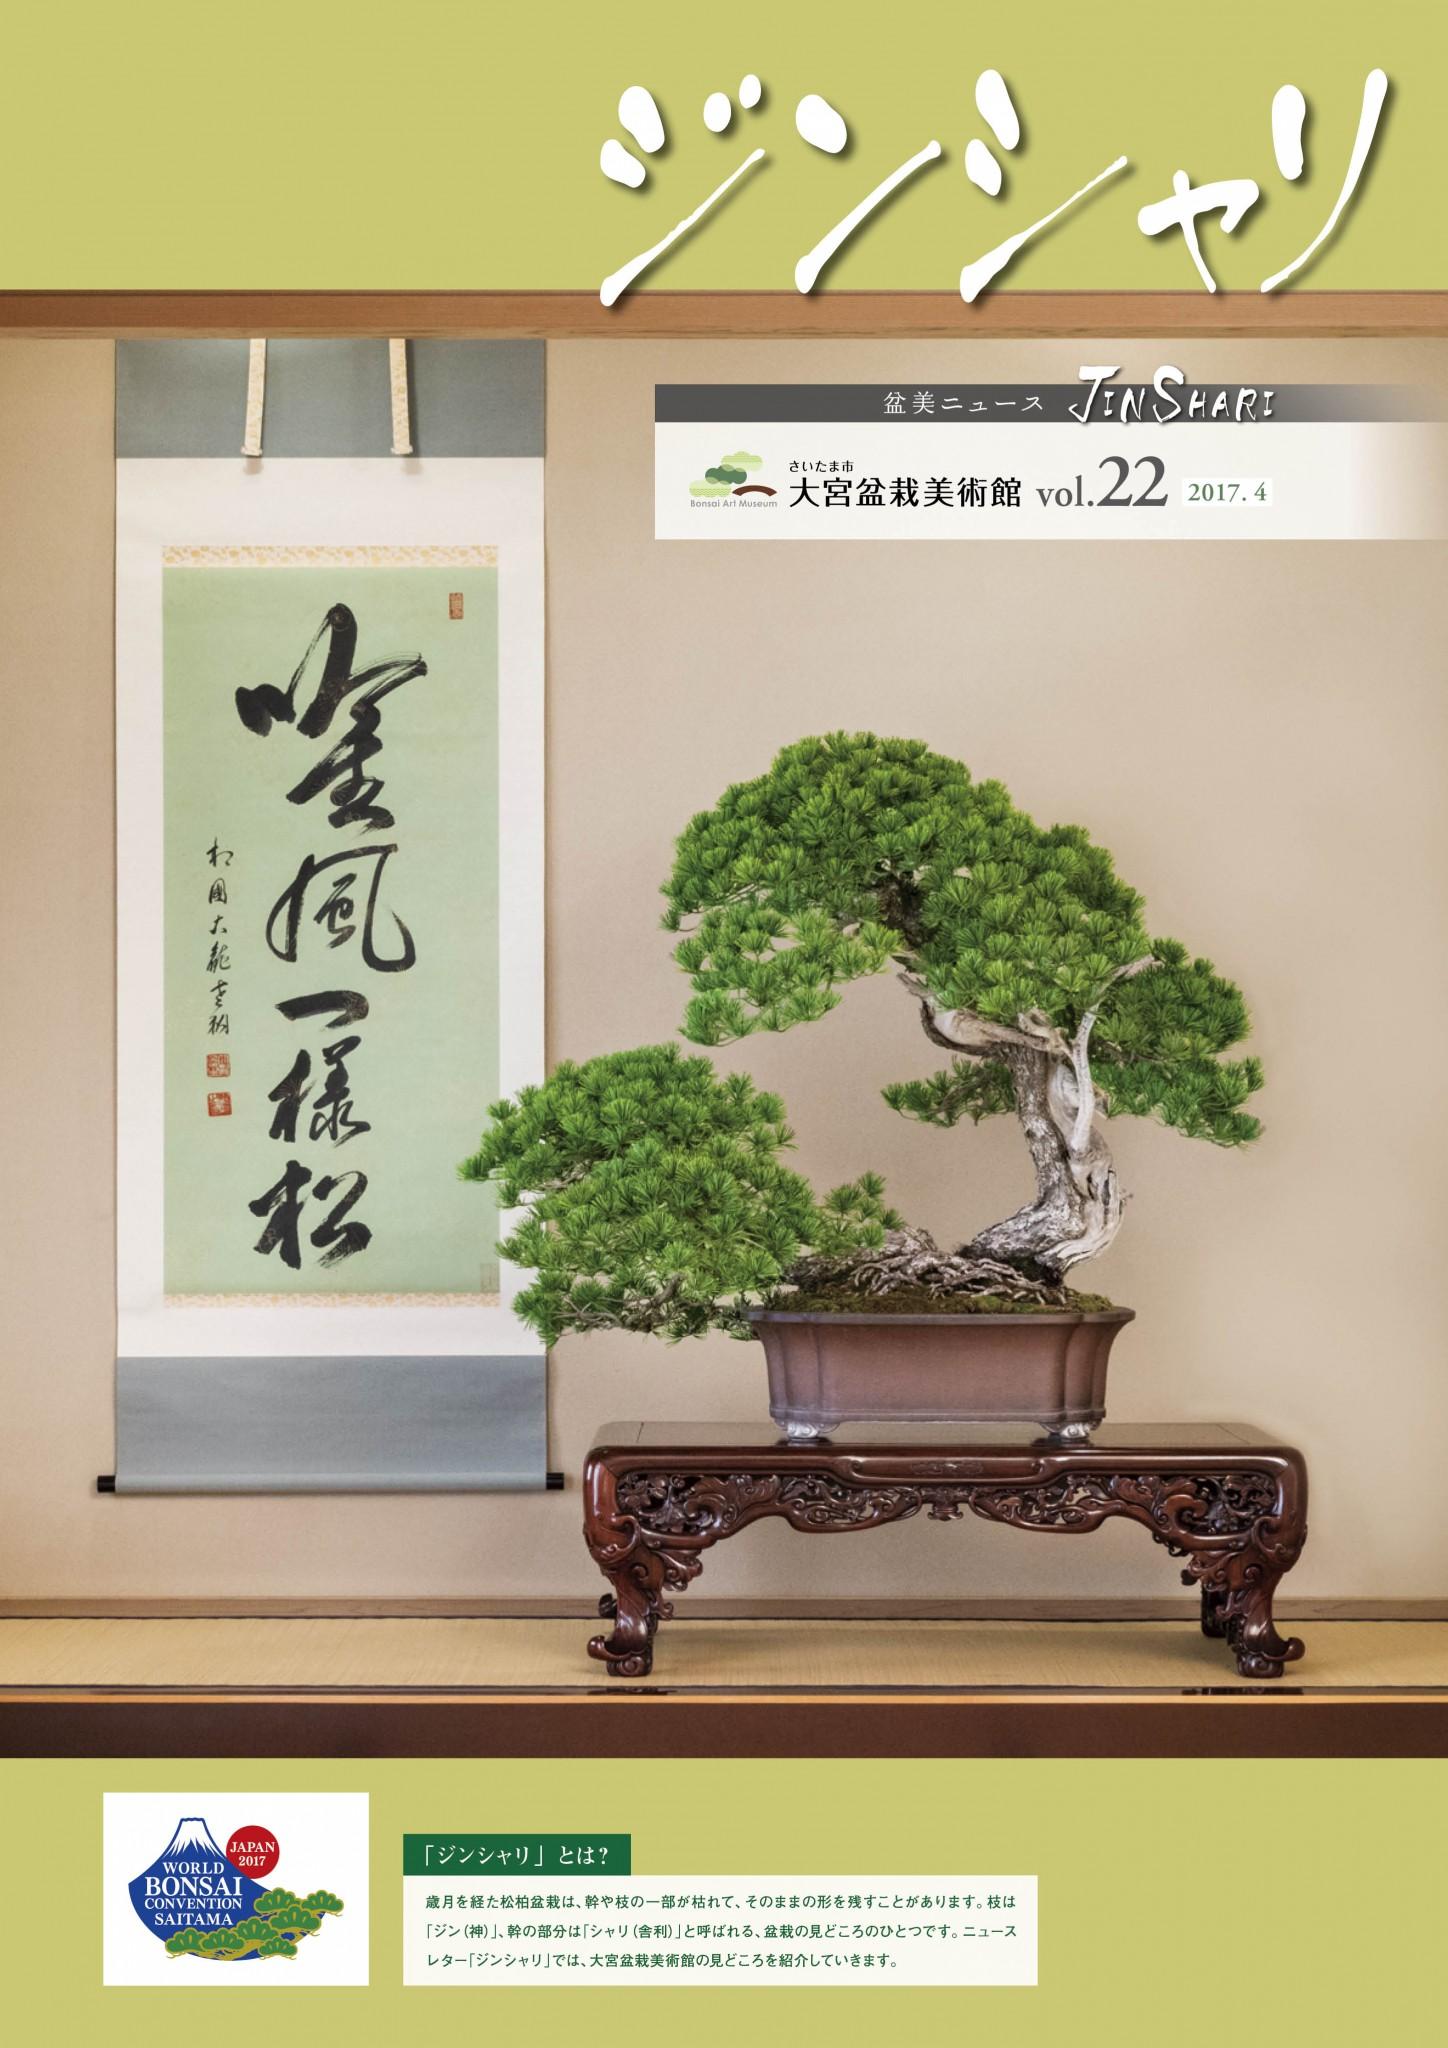 Jinshari Vol.22